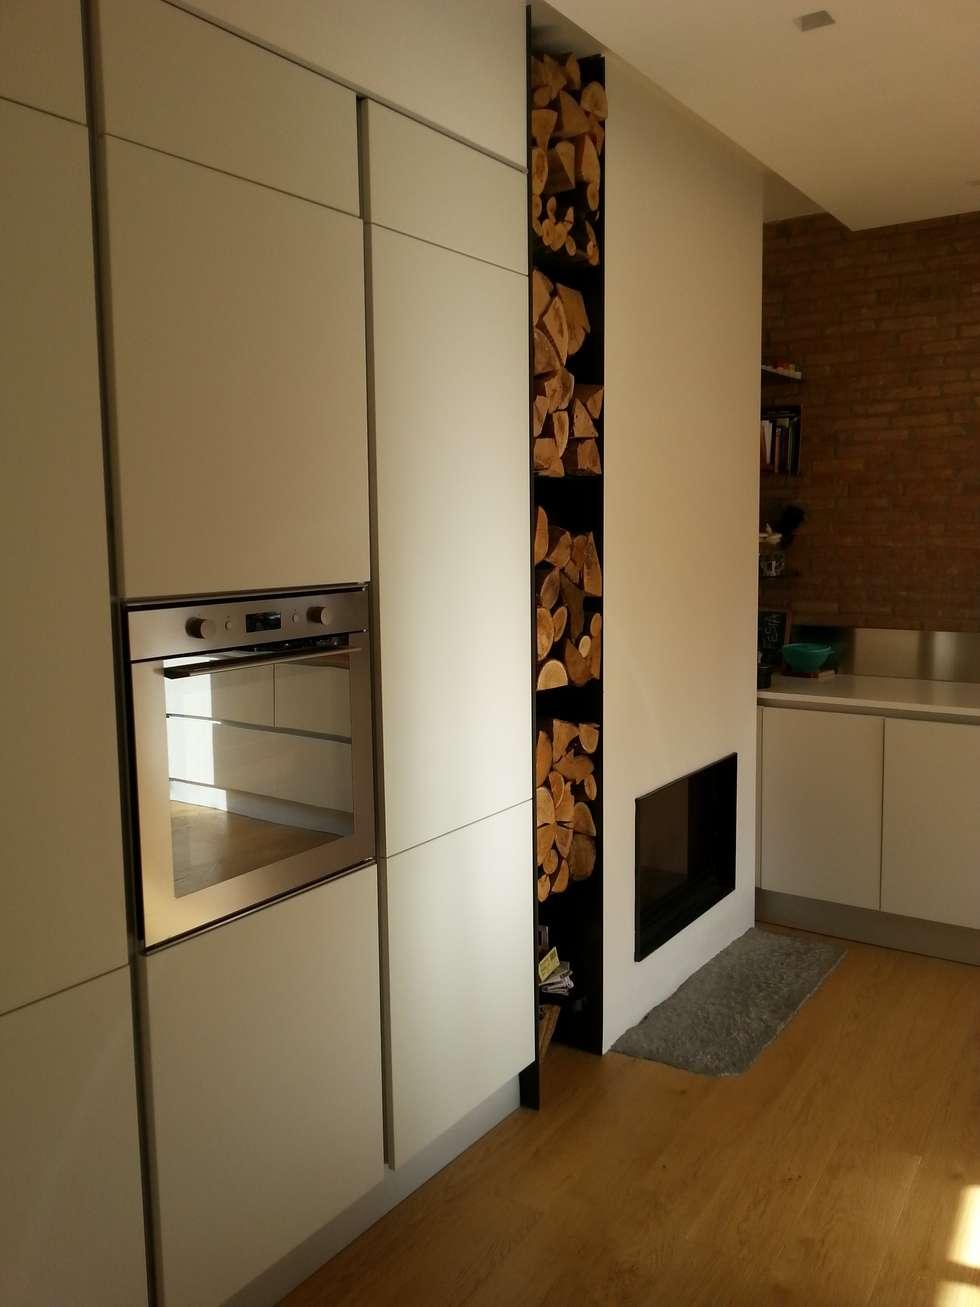 Cucina Pranzo: Cucina in stile in stile Minimalista di Andrea Magnoni Architetto